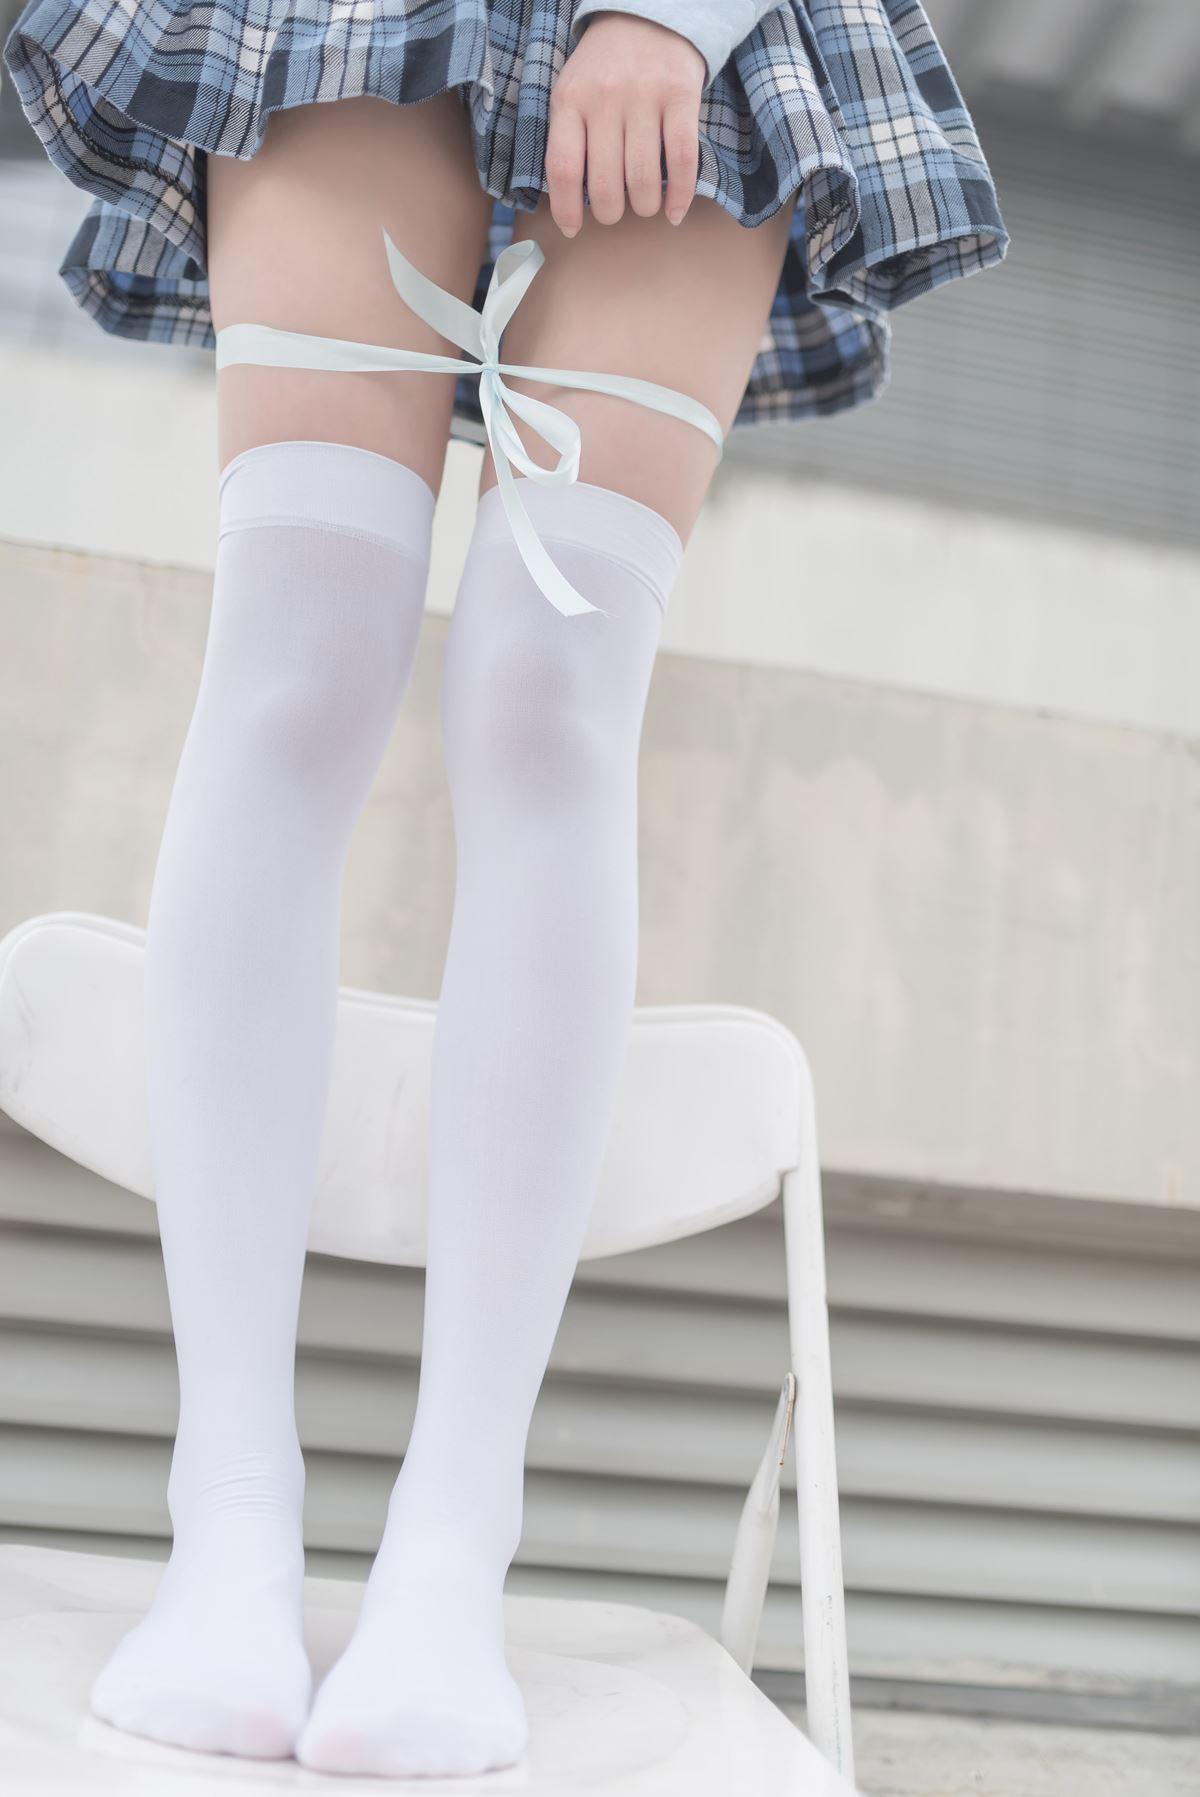 风之领域-0172-白丝带绑腿-宅男团